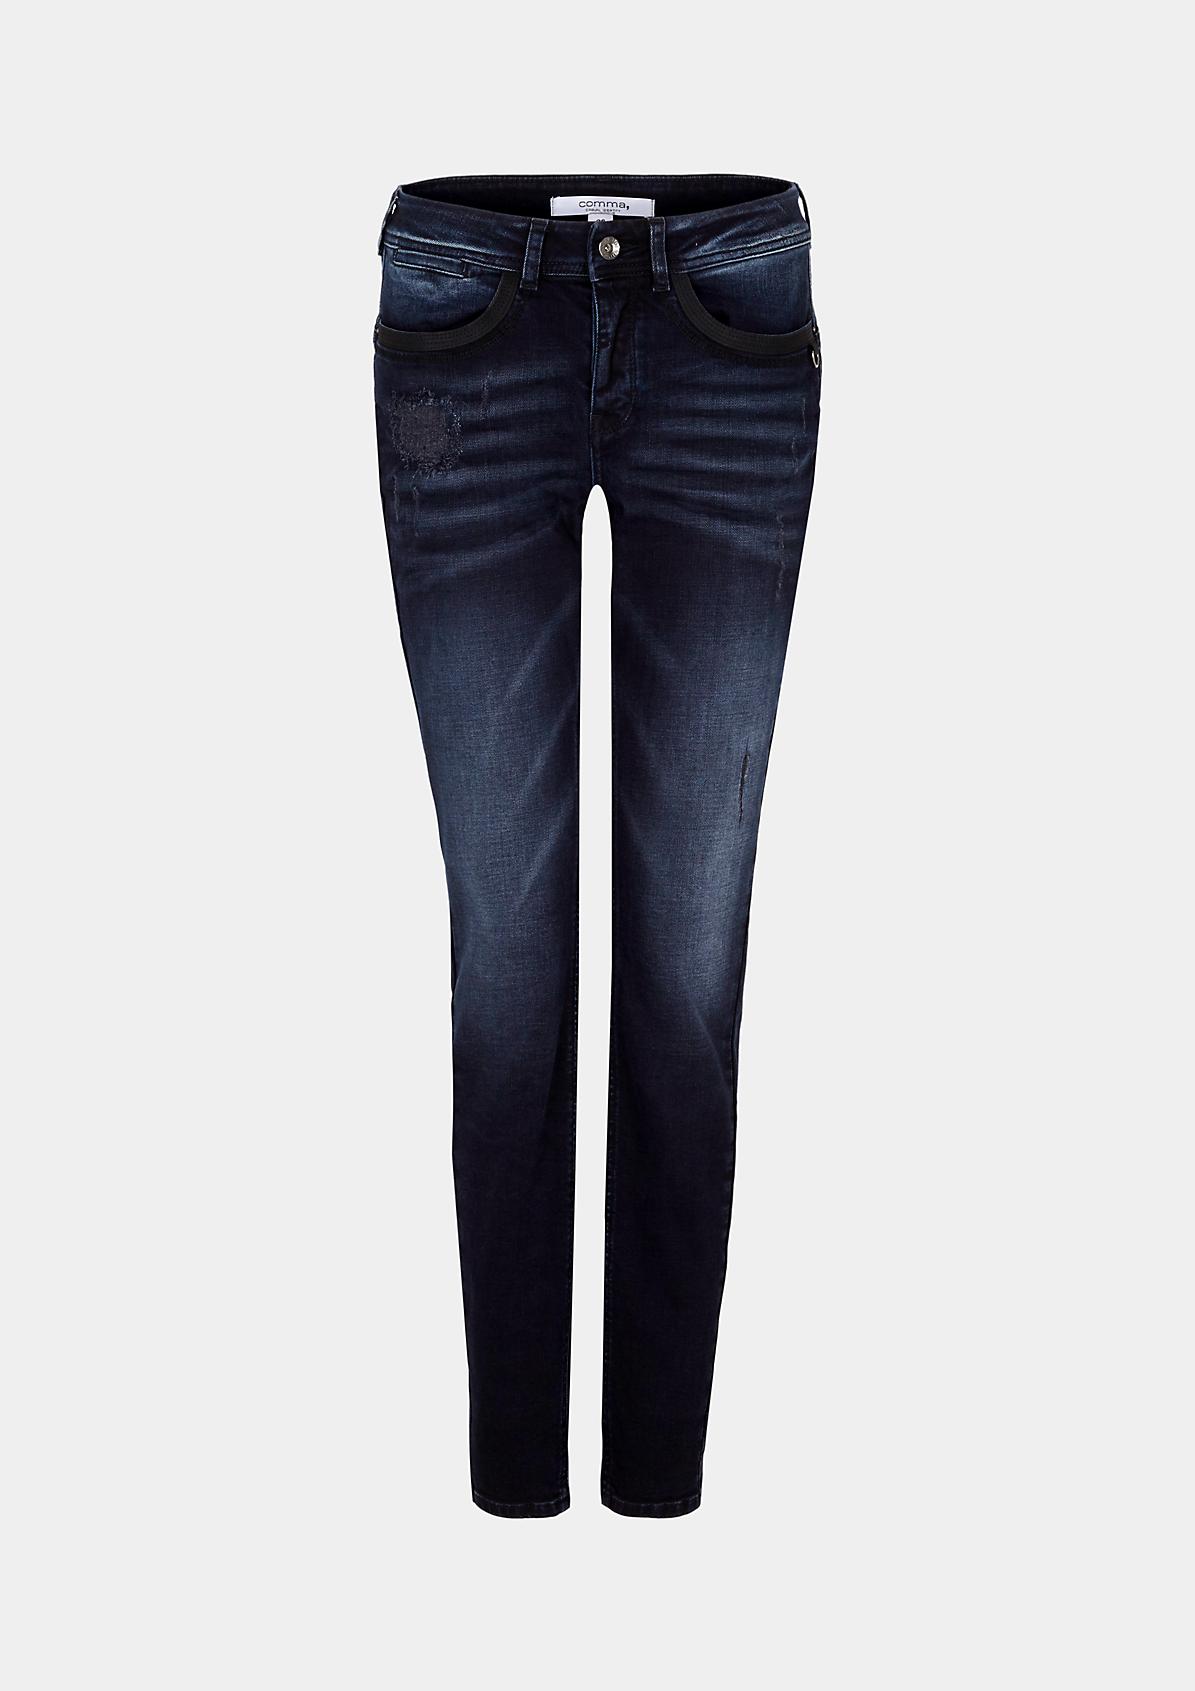 Klassische Jeans in trendiger Vintage-Optik